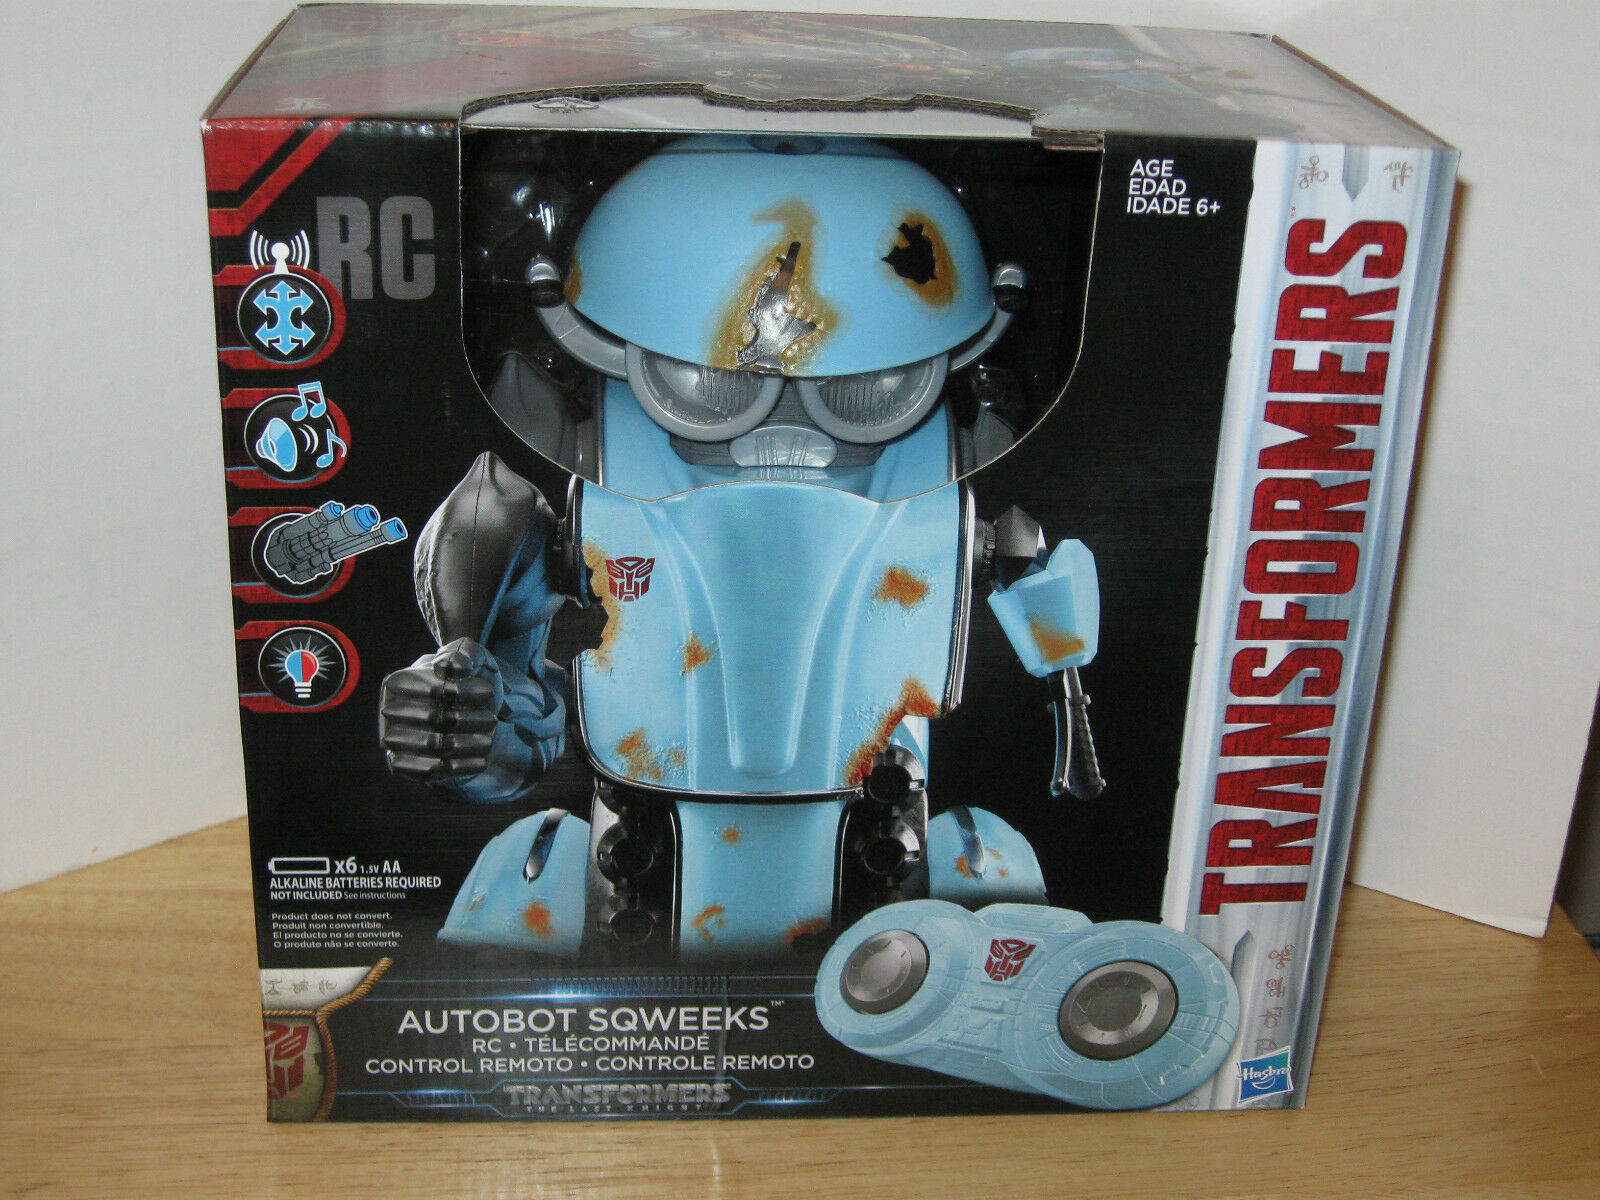 Transformers 5  Le  dernier chevalier de contrôle à distance radio contrôle Autobot sqweeks NEUF dans emballage très difficile à trouver  pas de taxes